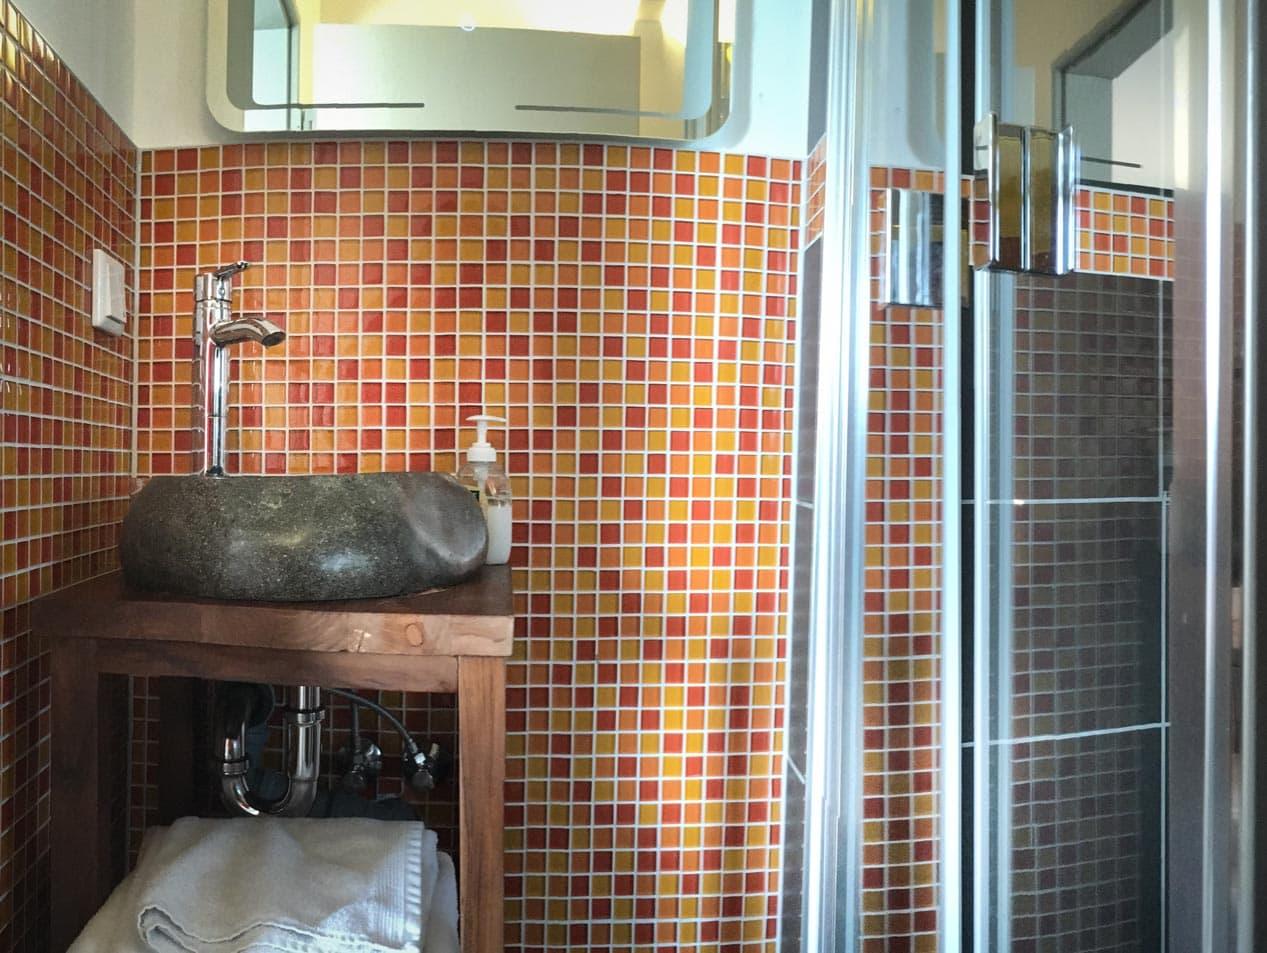 Badezimmer der Unterkunft | Hessischer Tennis-Verband